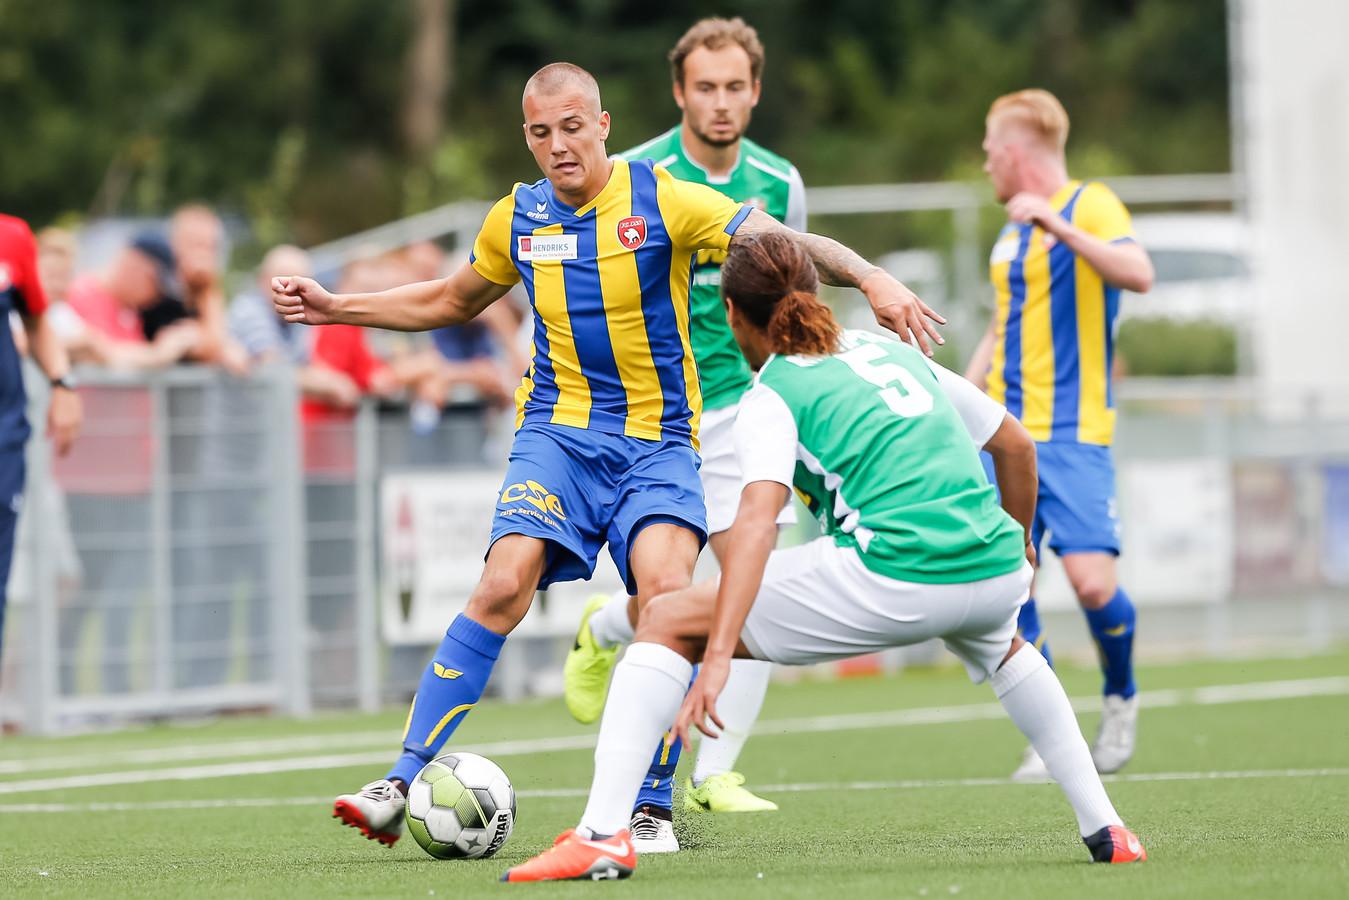 Frenk Keukens (links) voor FC Oss in actie tijdens een oefenduel met FC Dordrecht.